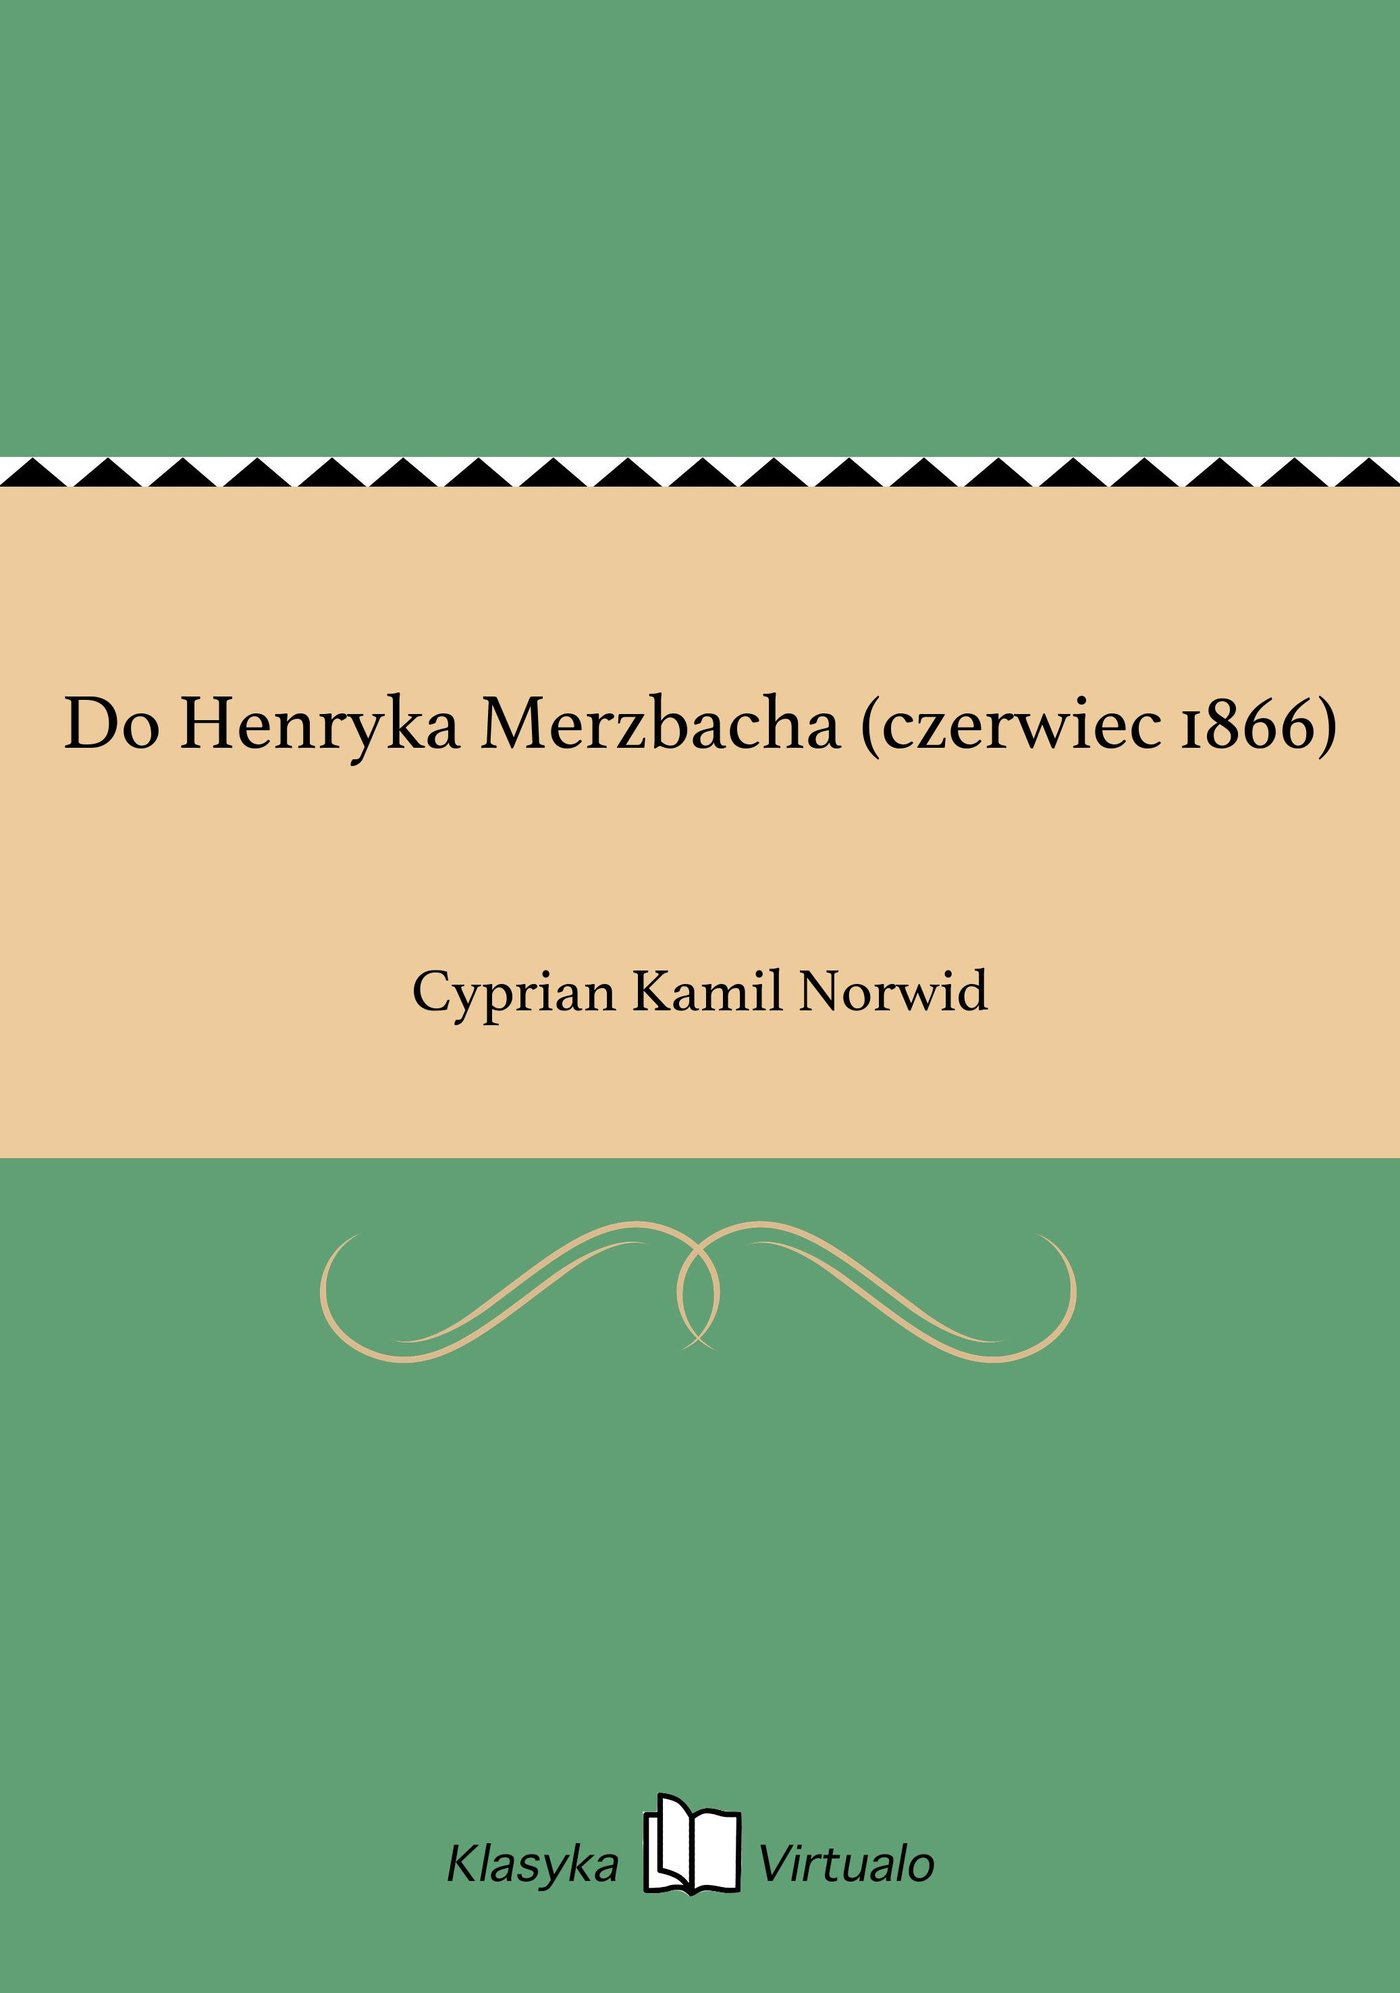 Do Henryka Merzbacha (czerwiec 1866) - Ebook (Książka EPUB) do pobrania w formacie EPUB